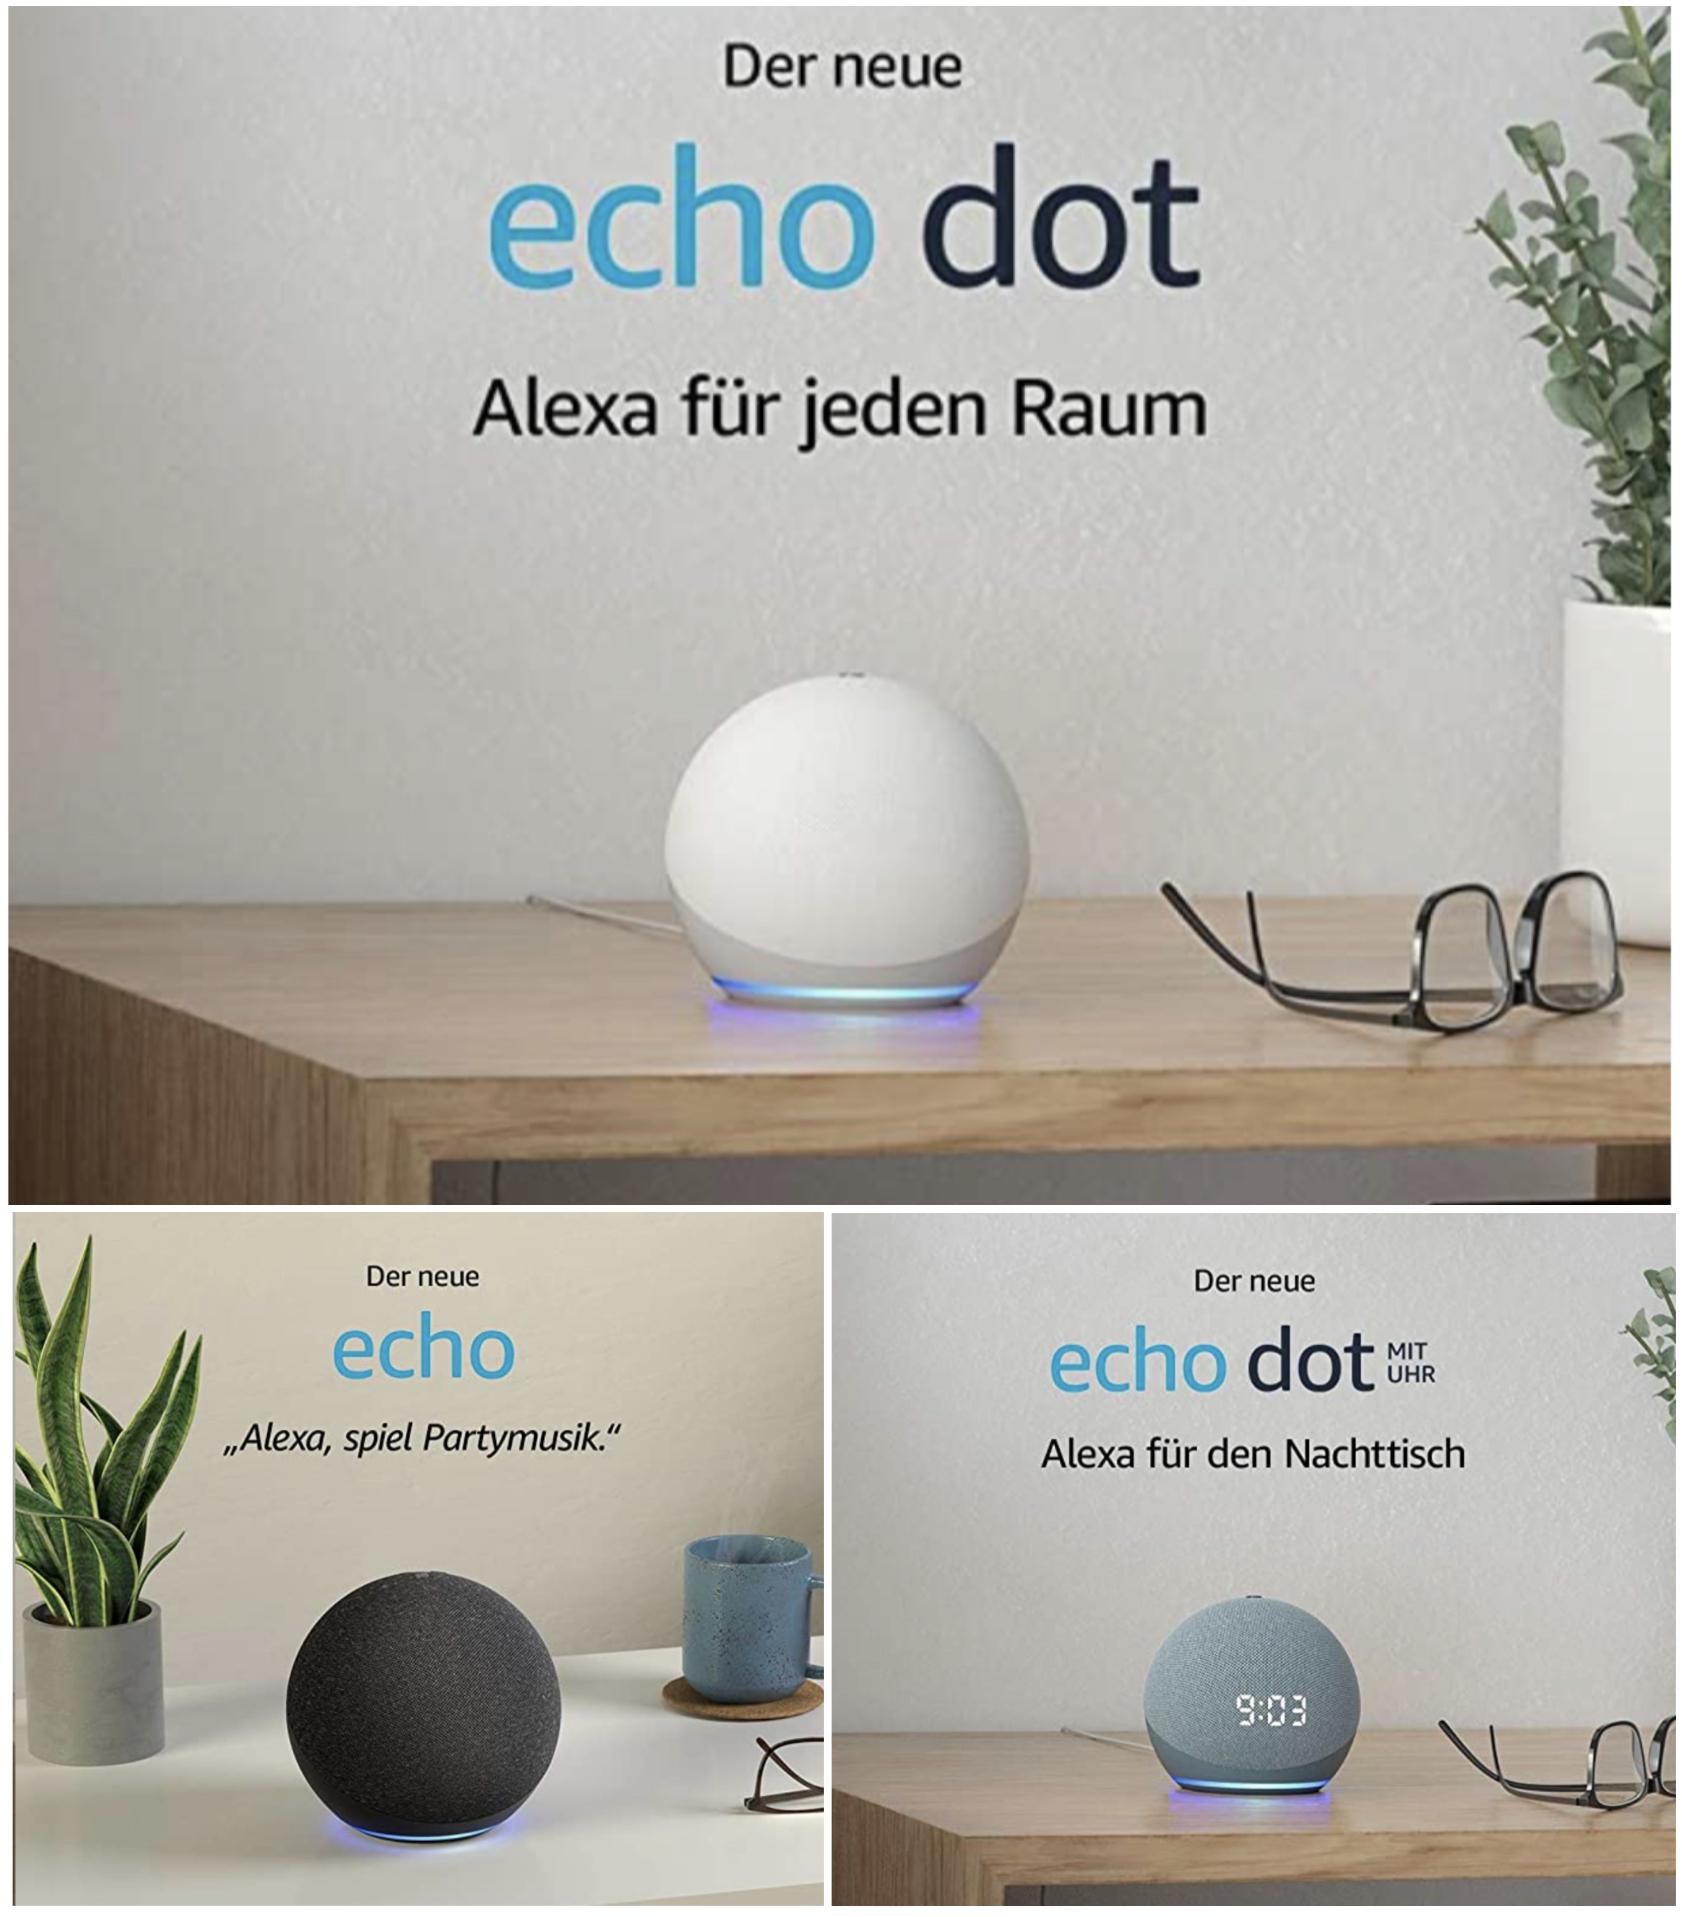 Echo Dot 4. Generation für 29,24€ / mit Uhr für 38,98€ / Echo 4. Generation für 68,23€ (auch inkl. Hue Lampe)